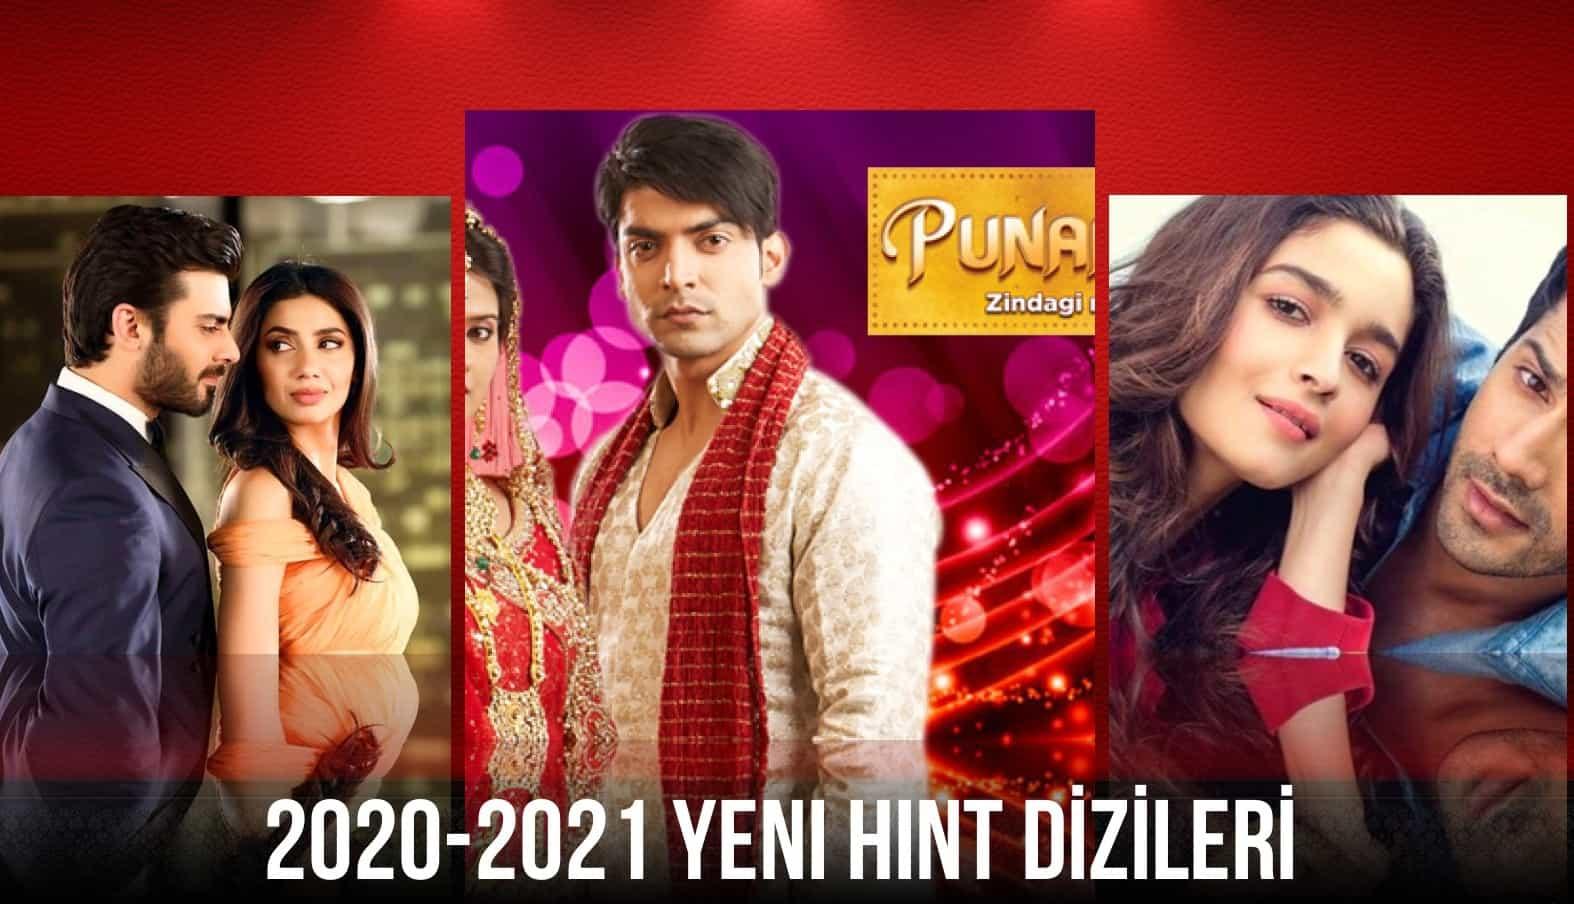 2020-2021 Yeni Hint DİZİLERİ